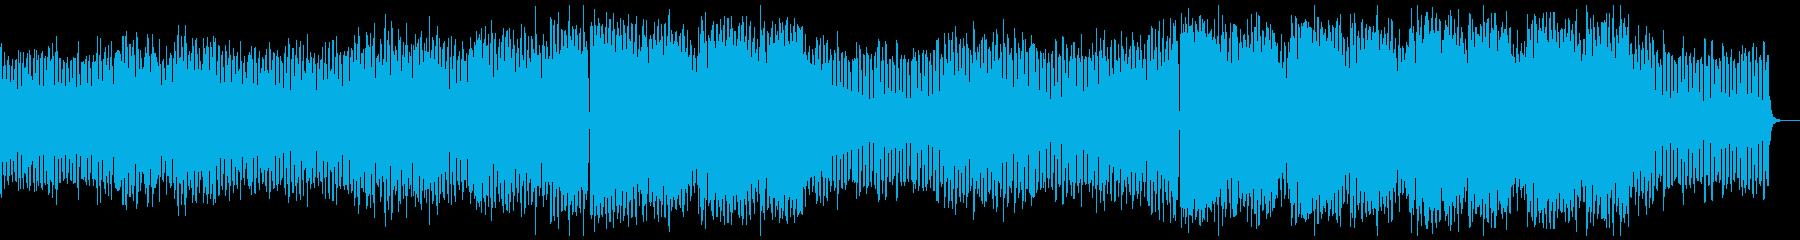 ロボット系アニメやゲーム・映画に☆EDMの再生済みの波形